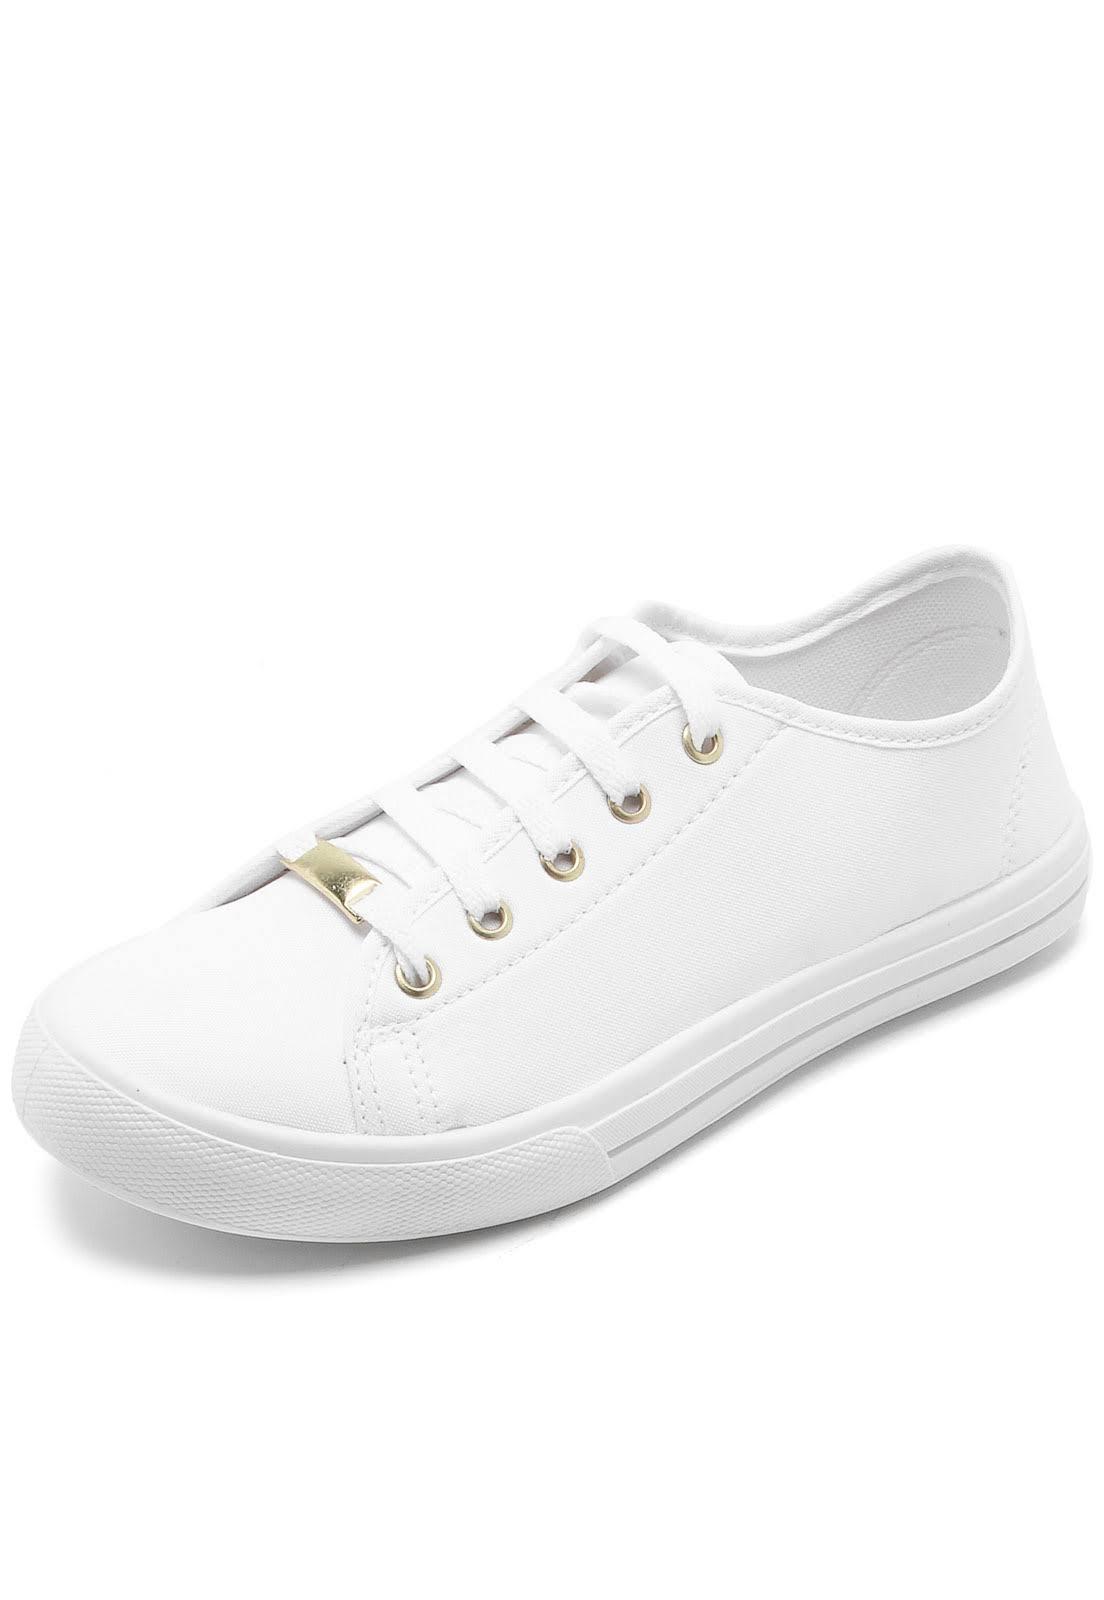 Platte Fiveblu Platte schoenen schoenen Fiveblu wit wit EH9D2WI